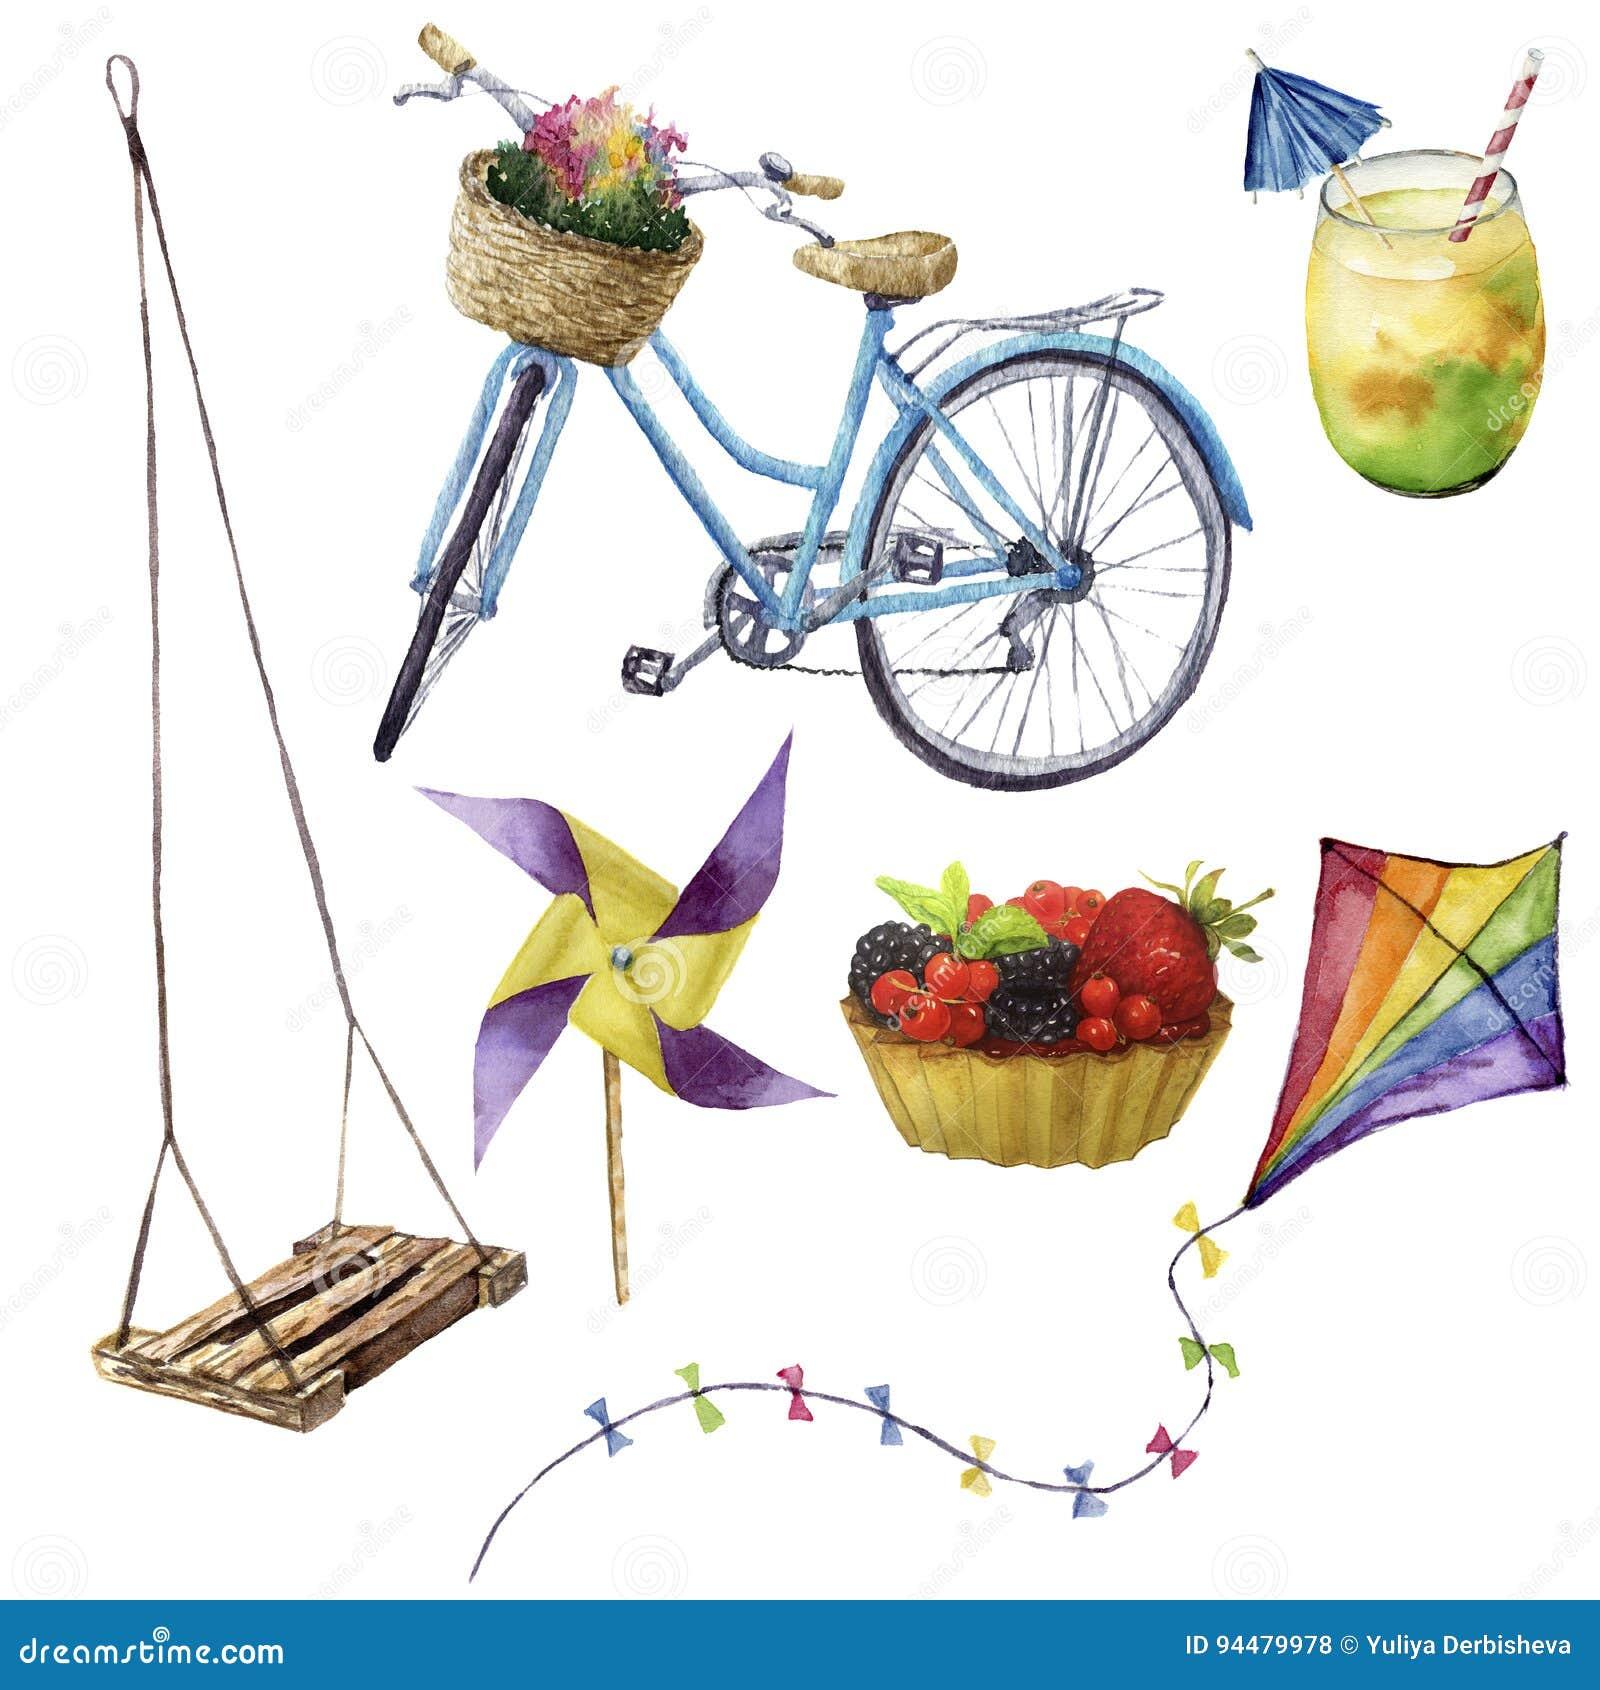 Aquarellsommervergnügen eingestellt Handgemalte Sommerferiengegenstände: Schwingen, Cocktail, kait, Fruchtkuchen, Fahrrad und